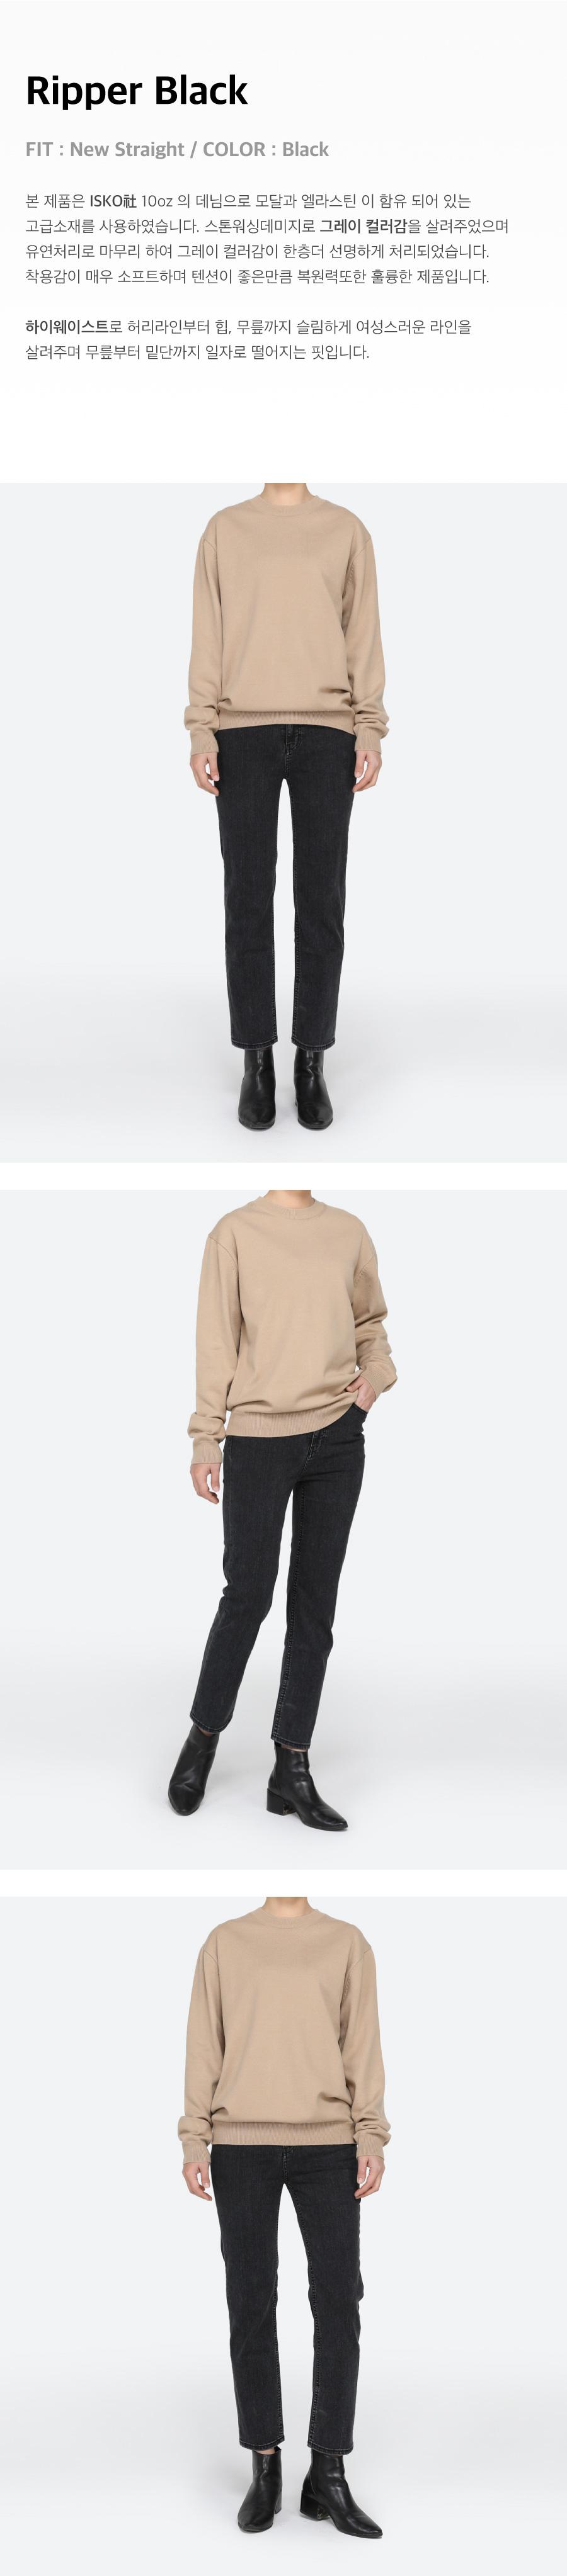 피스워커(PIECE WORKER) [W]Ripper Black / New Straight